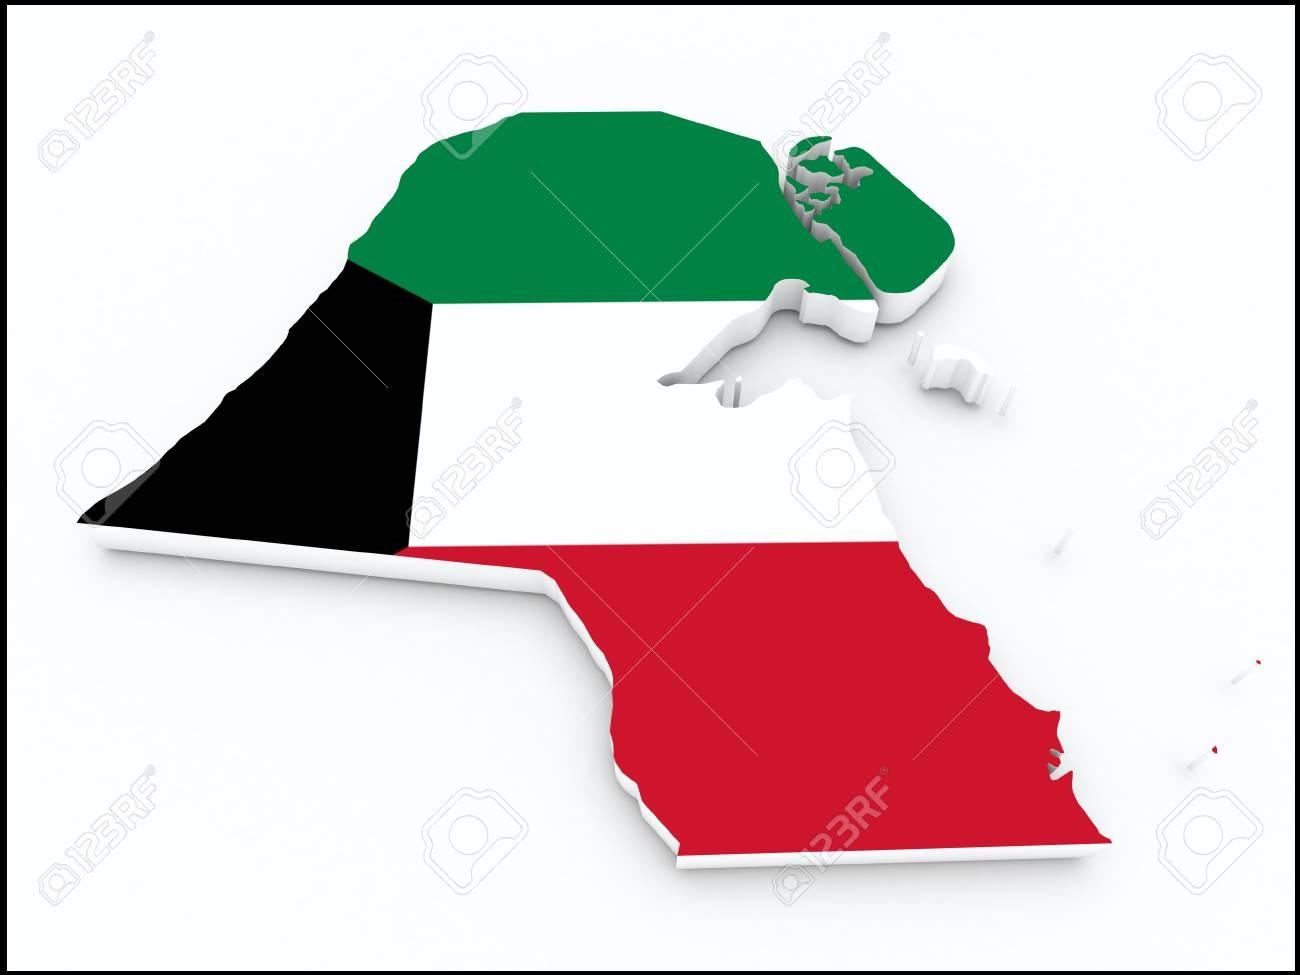 توسعه اینترنت نسل جدید در کویت